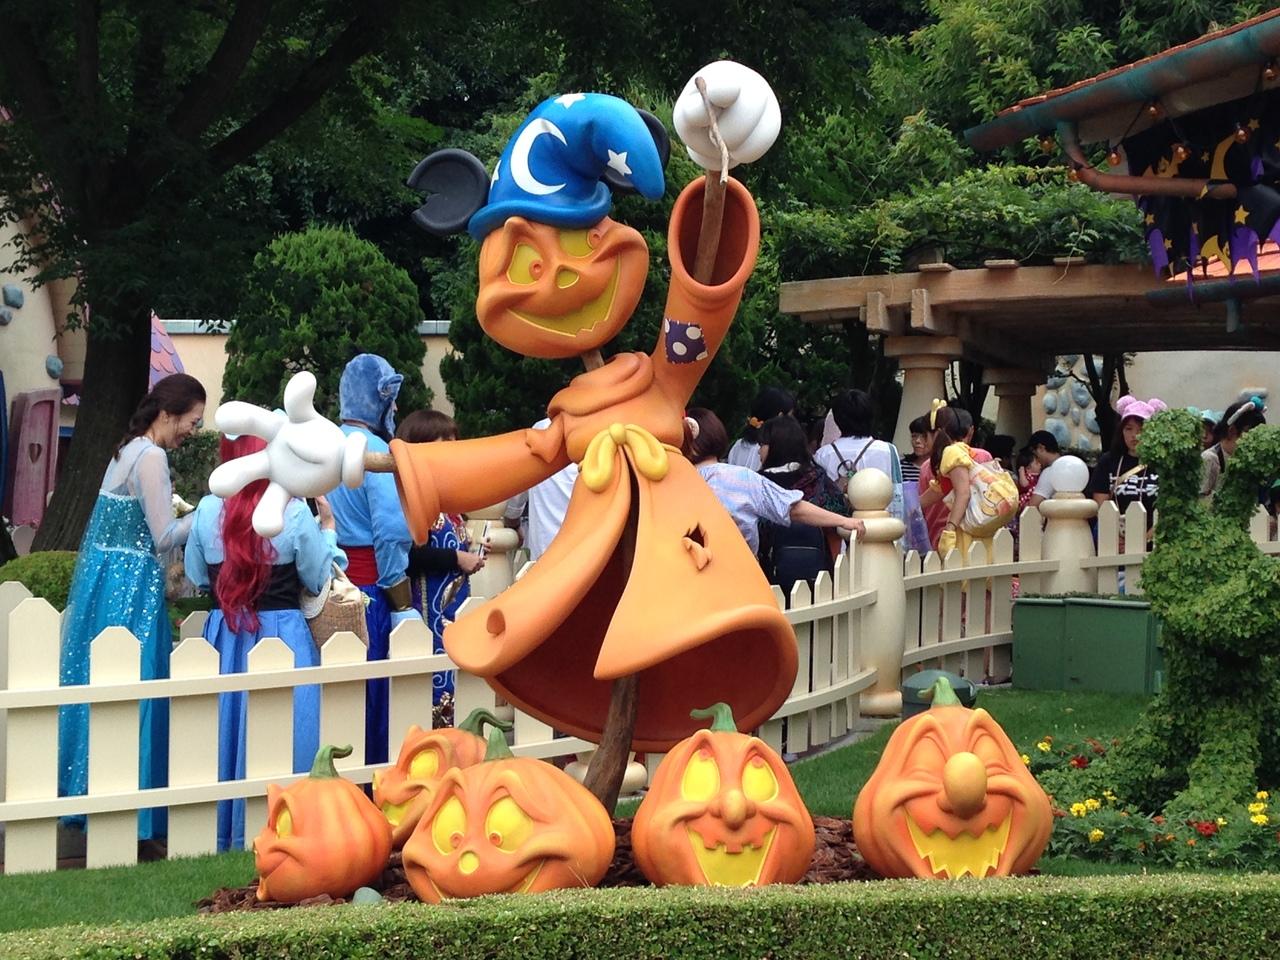 2017年9月23日(土) 東京ディズニーランドのハロウィーン!おひとりさま